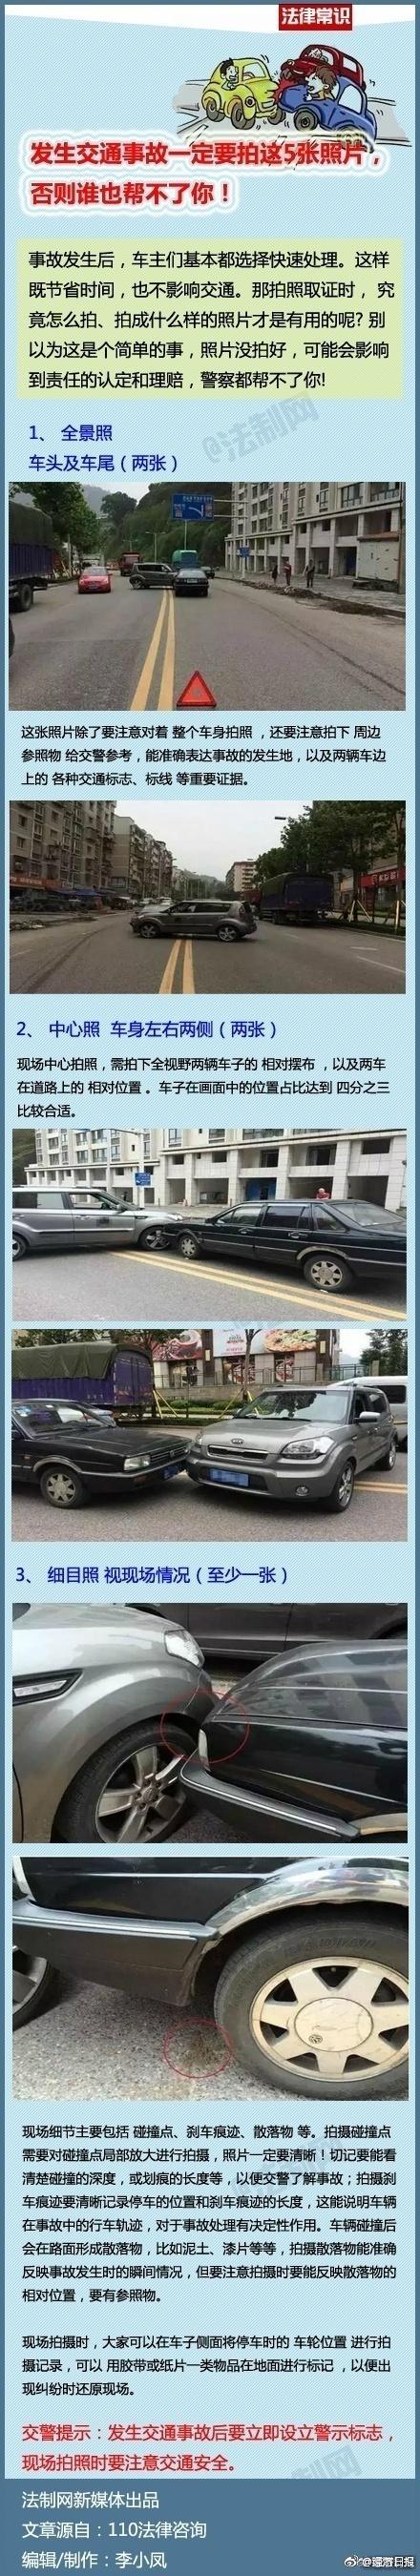 发生交通事故后的处置知识:一定要拍这5张照片,否则谁也帮不了你!